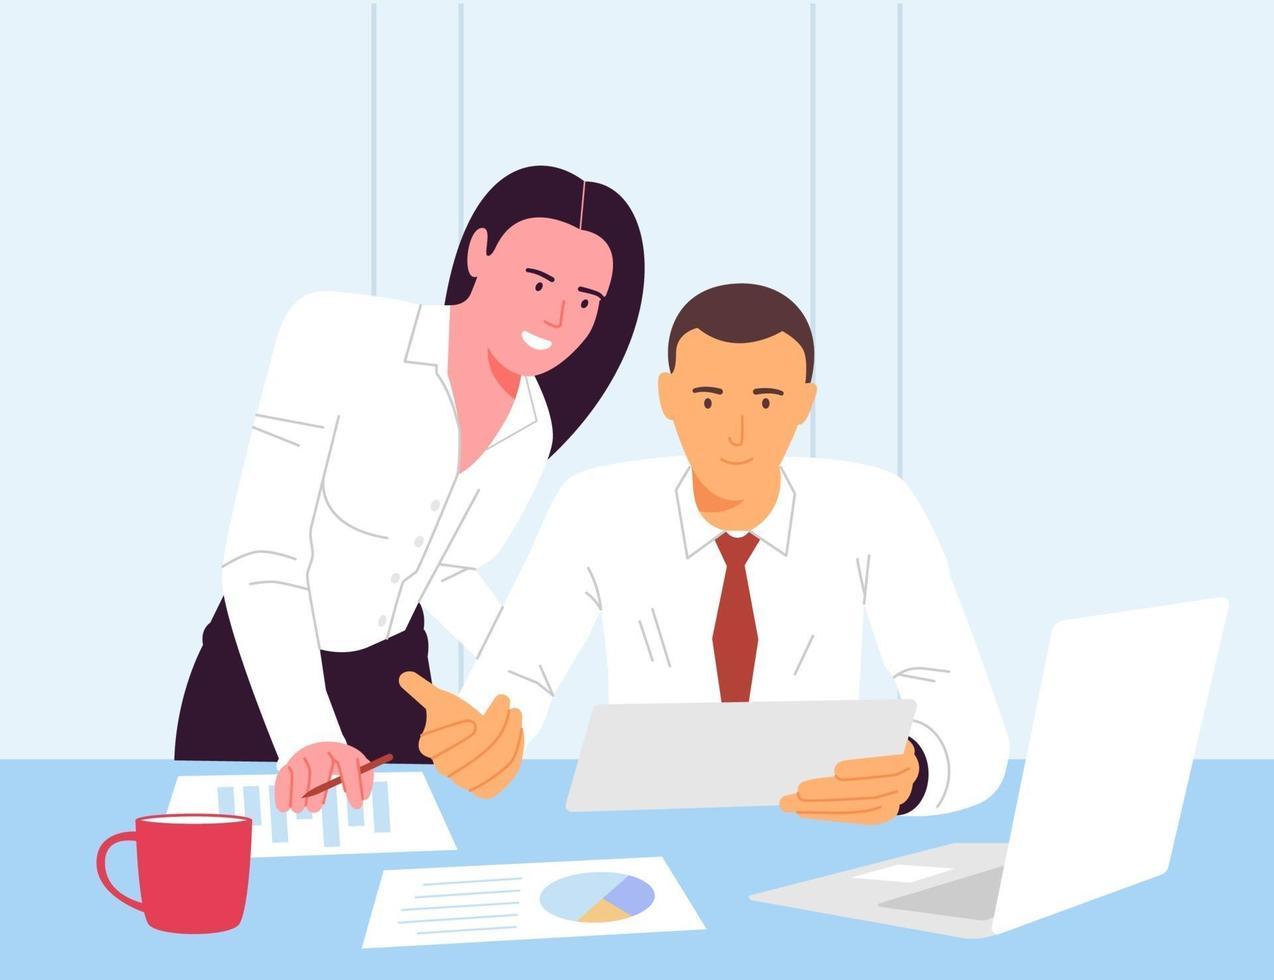 illustration vectorielle plane du flux de travail au bureau, un groupe d'hommes d'affaires travaillant sur un ordinateur et une autre partie des spécialistes du marketing discutent de solutions marketing et de plans d'affaires. vecteur